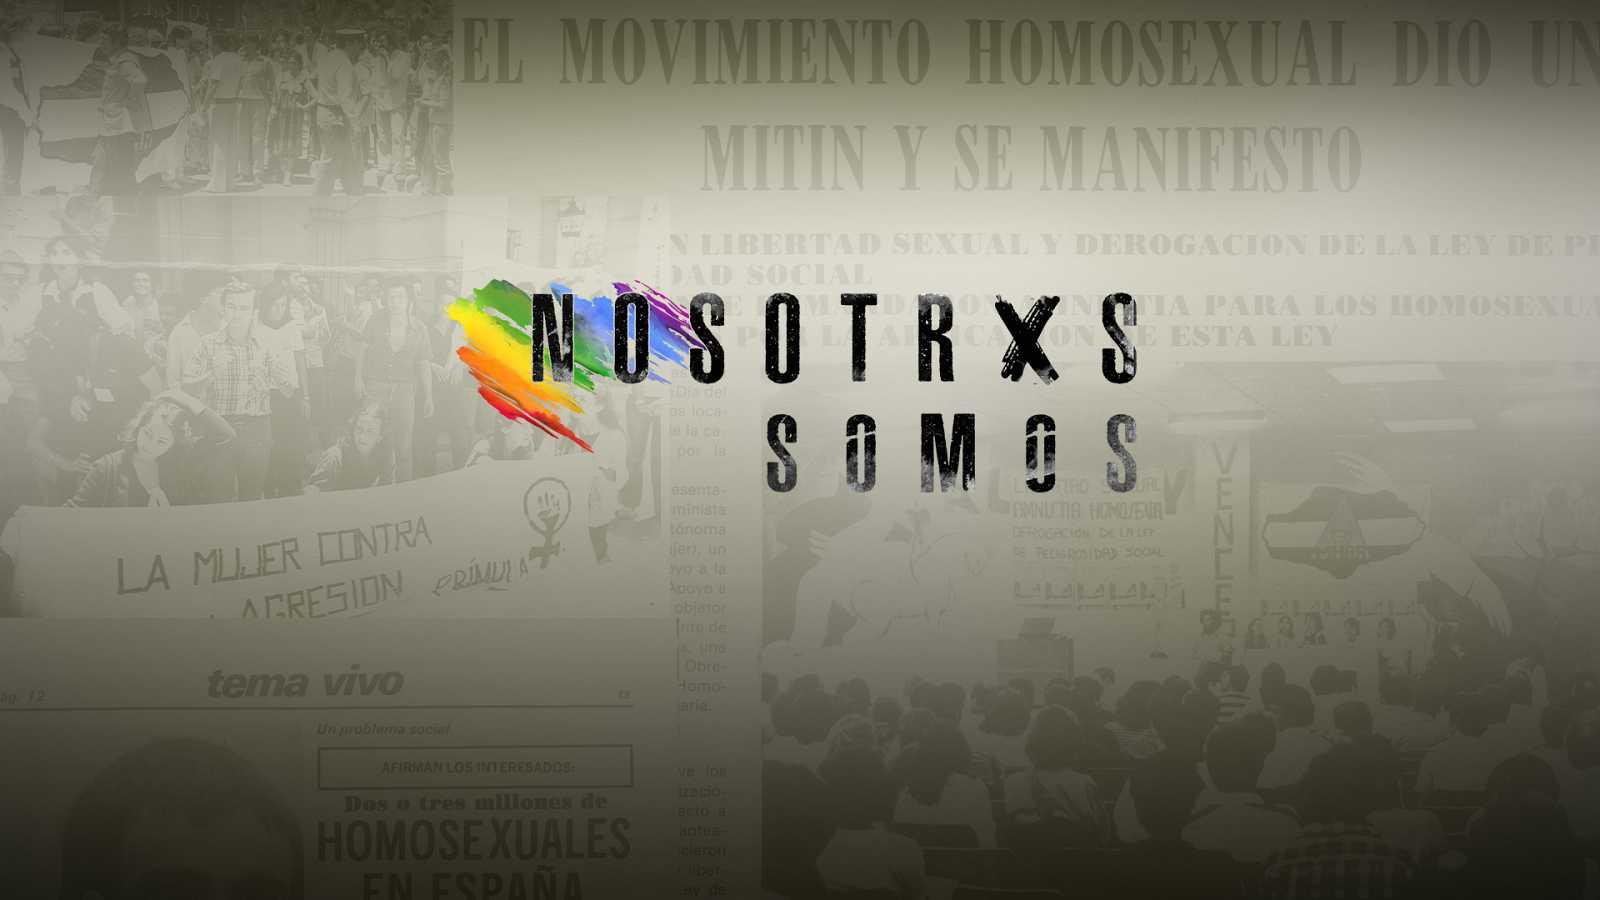 Nosotrxs somos - Teaser de la serie documental 'Nosotrxs Somos'